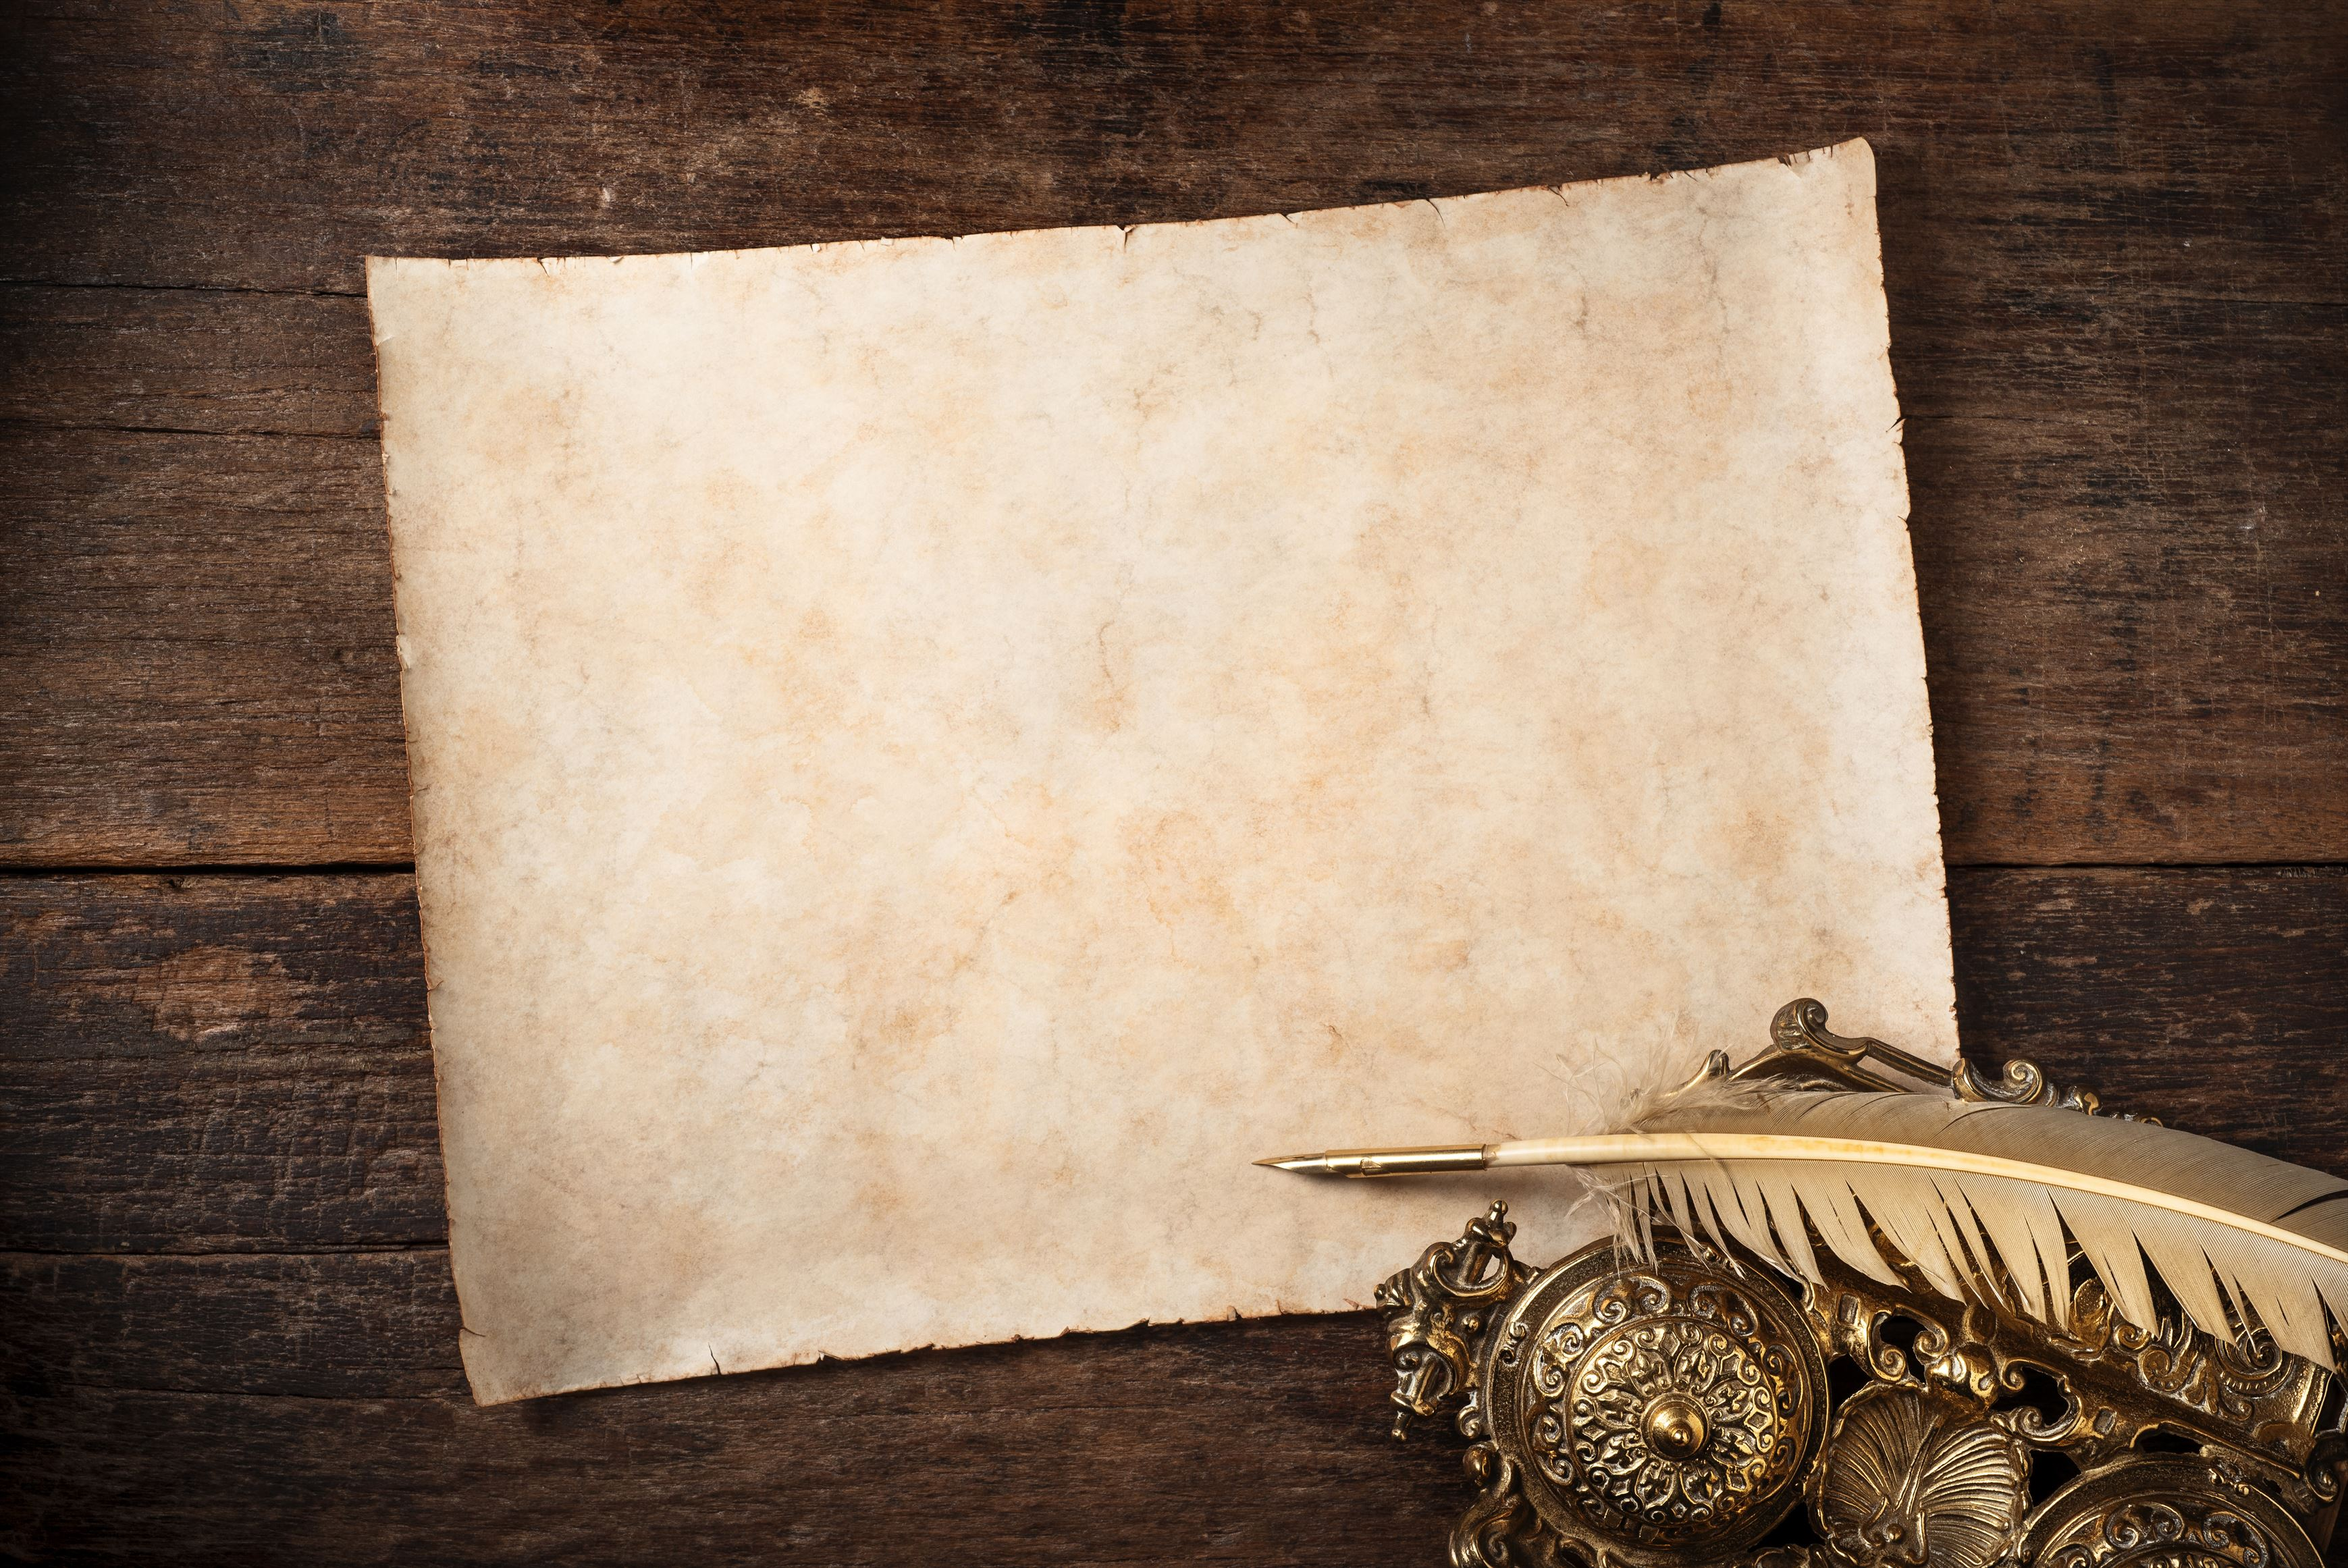 parchment on old writer desk,vintage background